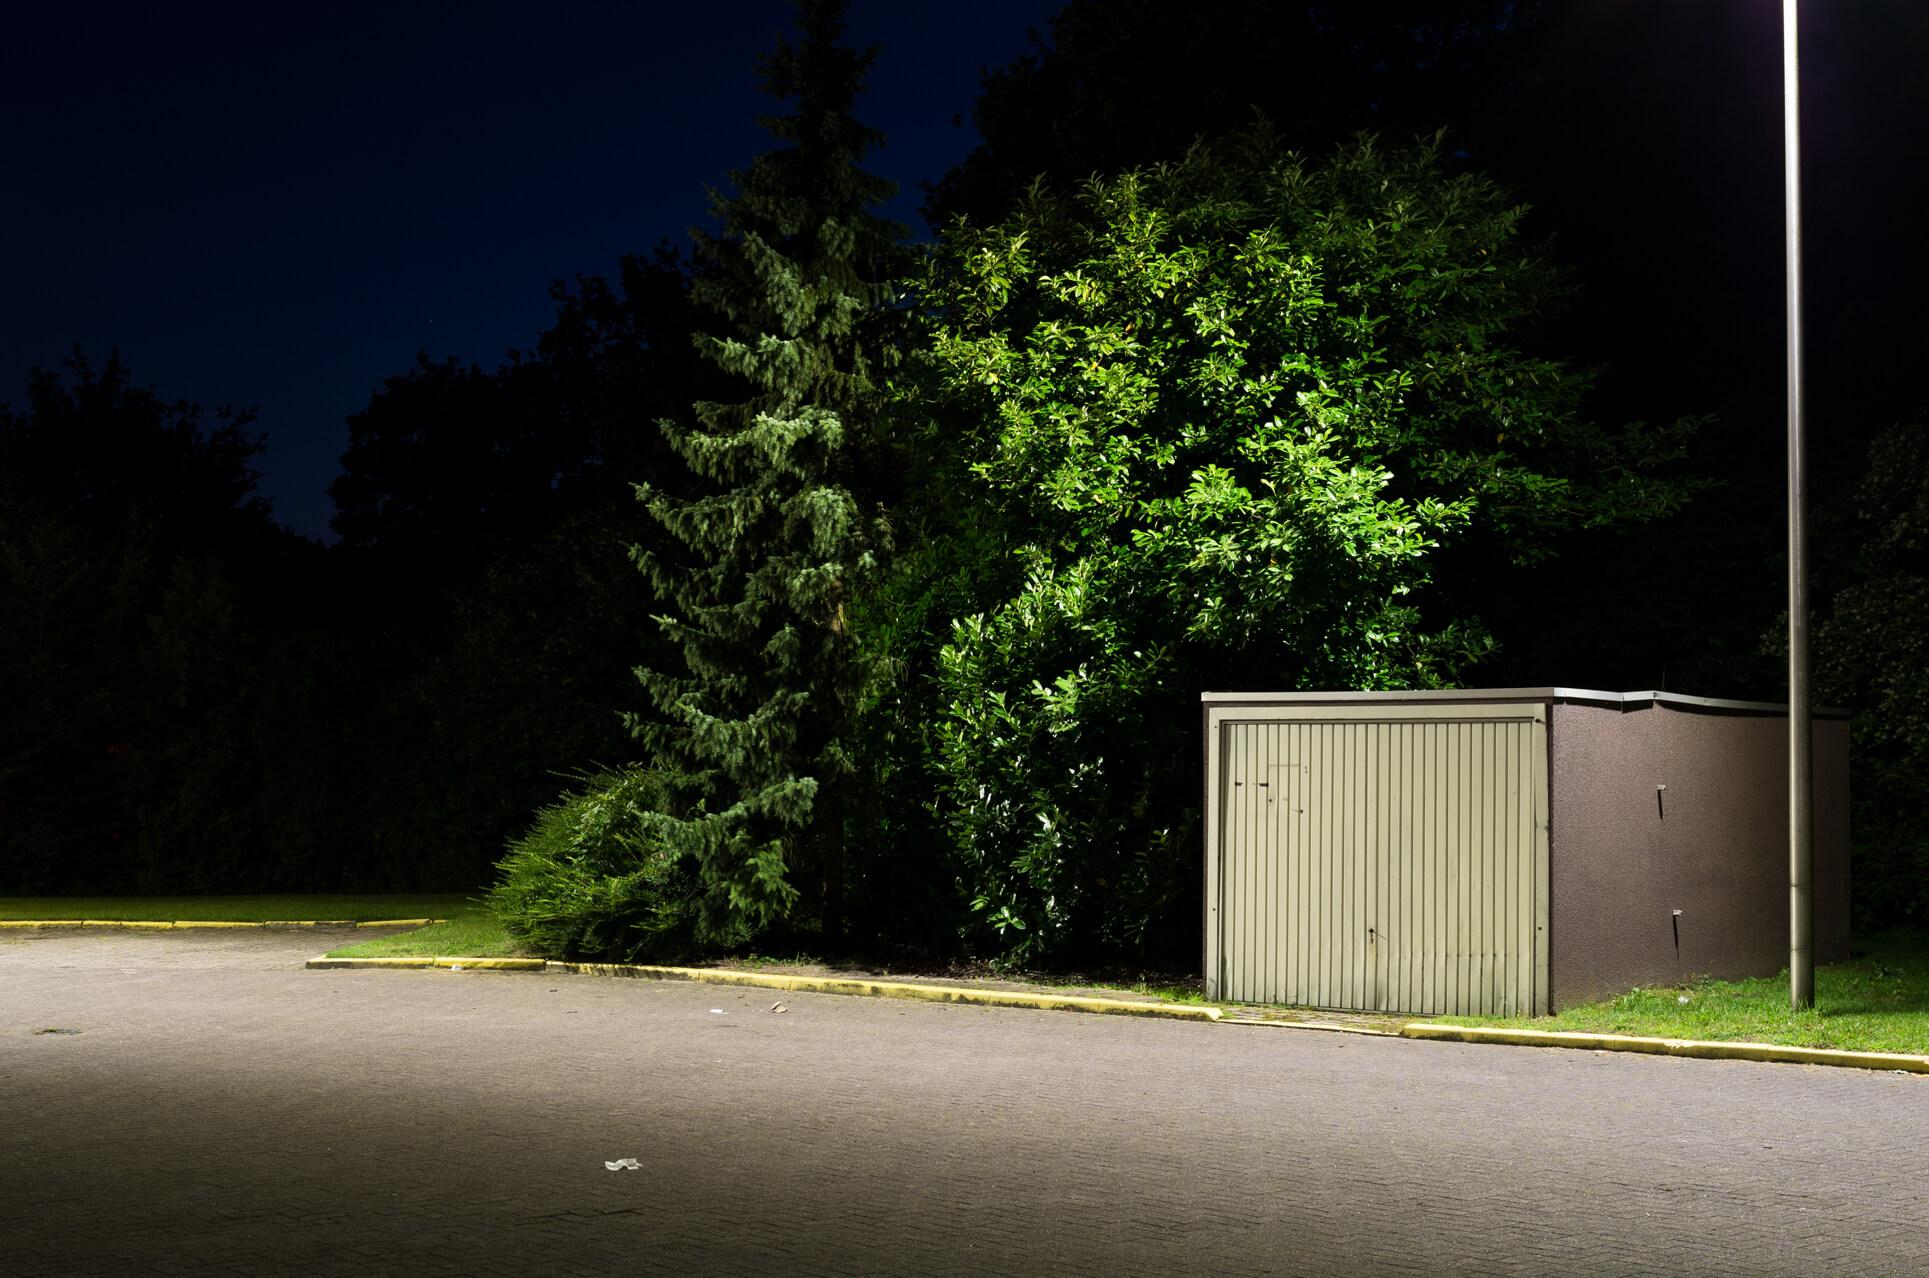 fine art fotografie Nachtansicht P07-002